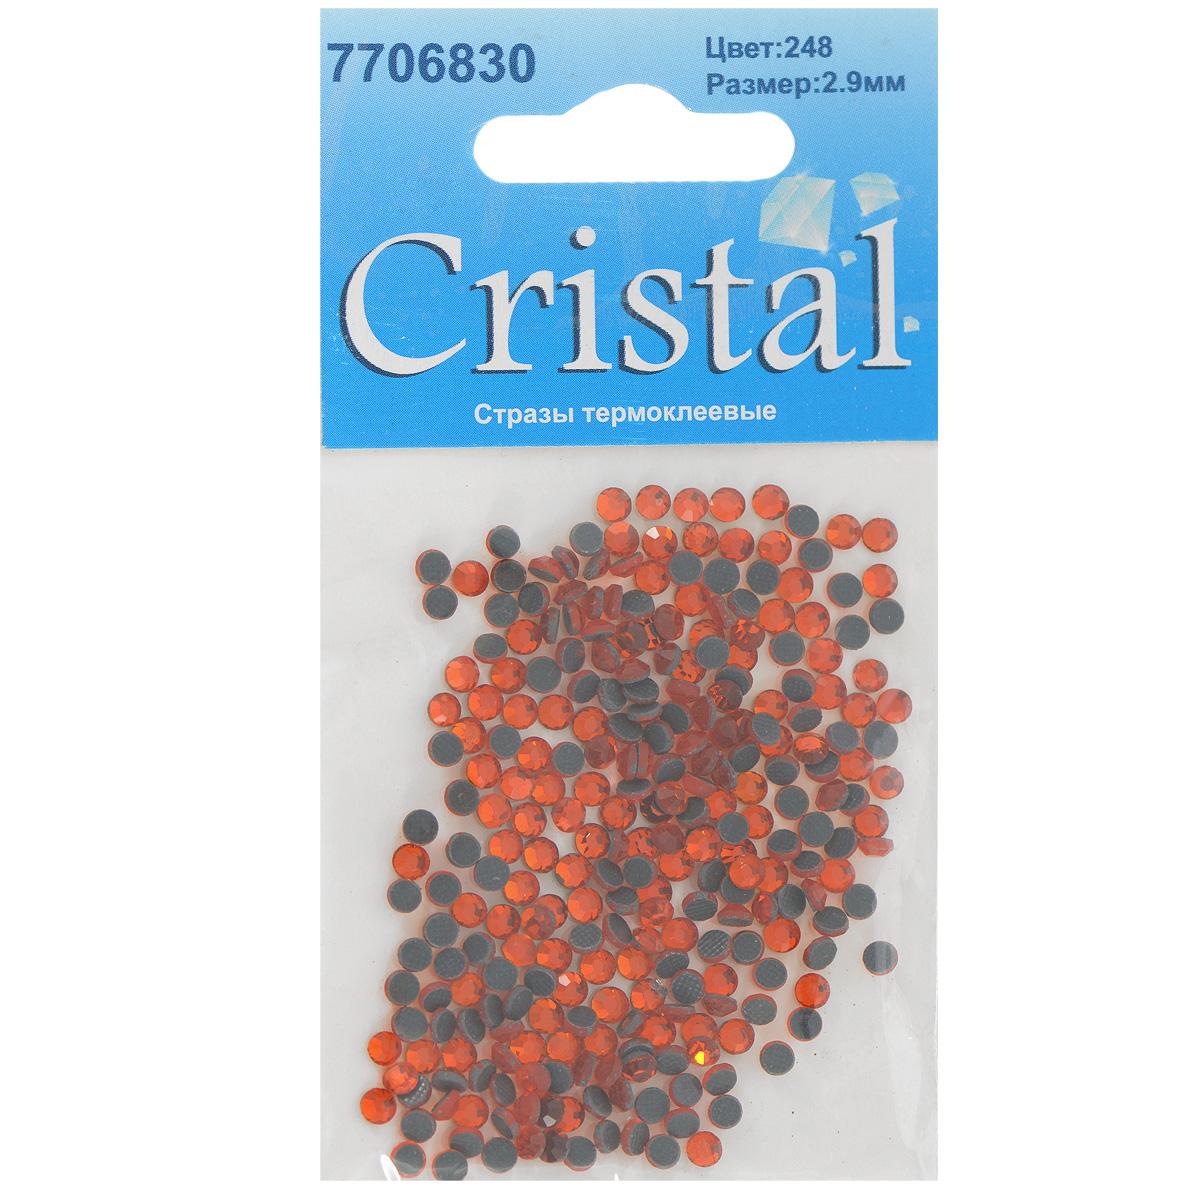 Стразы термоклеевые Cristal, цвет: гранатовый (248), диаметр 2,9 мм, 288 штK100Набор термоклеевых страз Cristal, изготовленный из высококачественного акрила, позволит вам украсить одежду, аксессуары или текстиль. Яркие стразы имеют плоское дно и круглую поверхность с гранями.Дно термоклеевых страз уже обработано особым клеем, который под воздействием высоких температур начинает плавиться, приклеиваясь, таким образом, к требуемой поверхности. Чаще всего их используют в текстильной промышленности: стразы прикладывают к ткани и проглаживают утюгом с обратной стороны. Также можно использовать специальный паяльник. Украшение стразами поможет сделать любую вещь оригинальной и неповторимой. Диаметр страз: 2,9 мм.